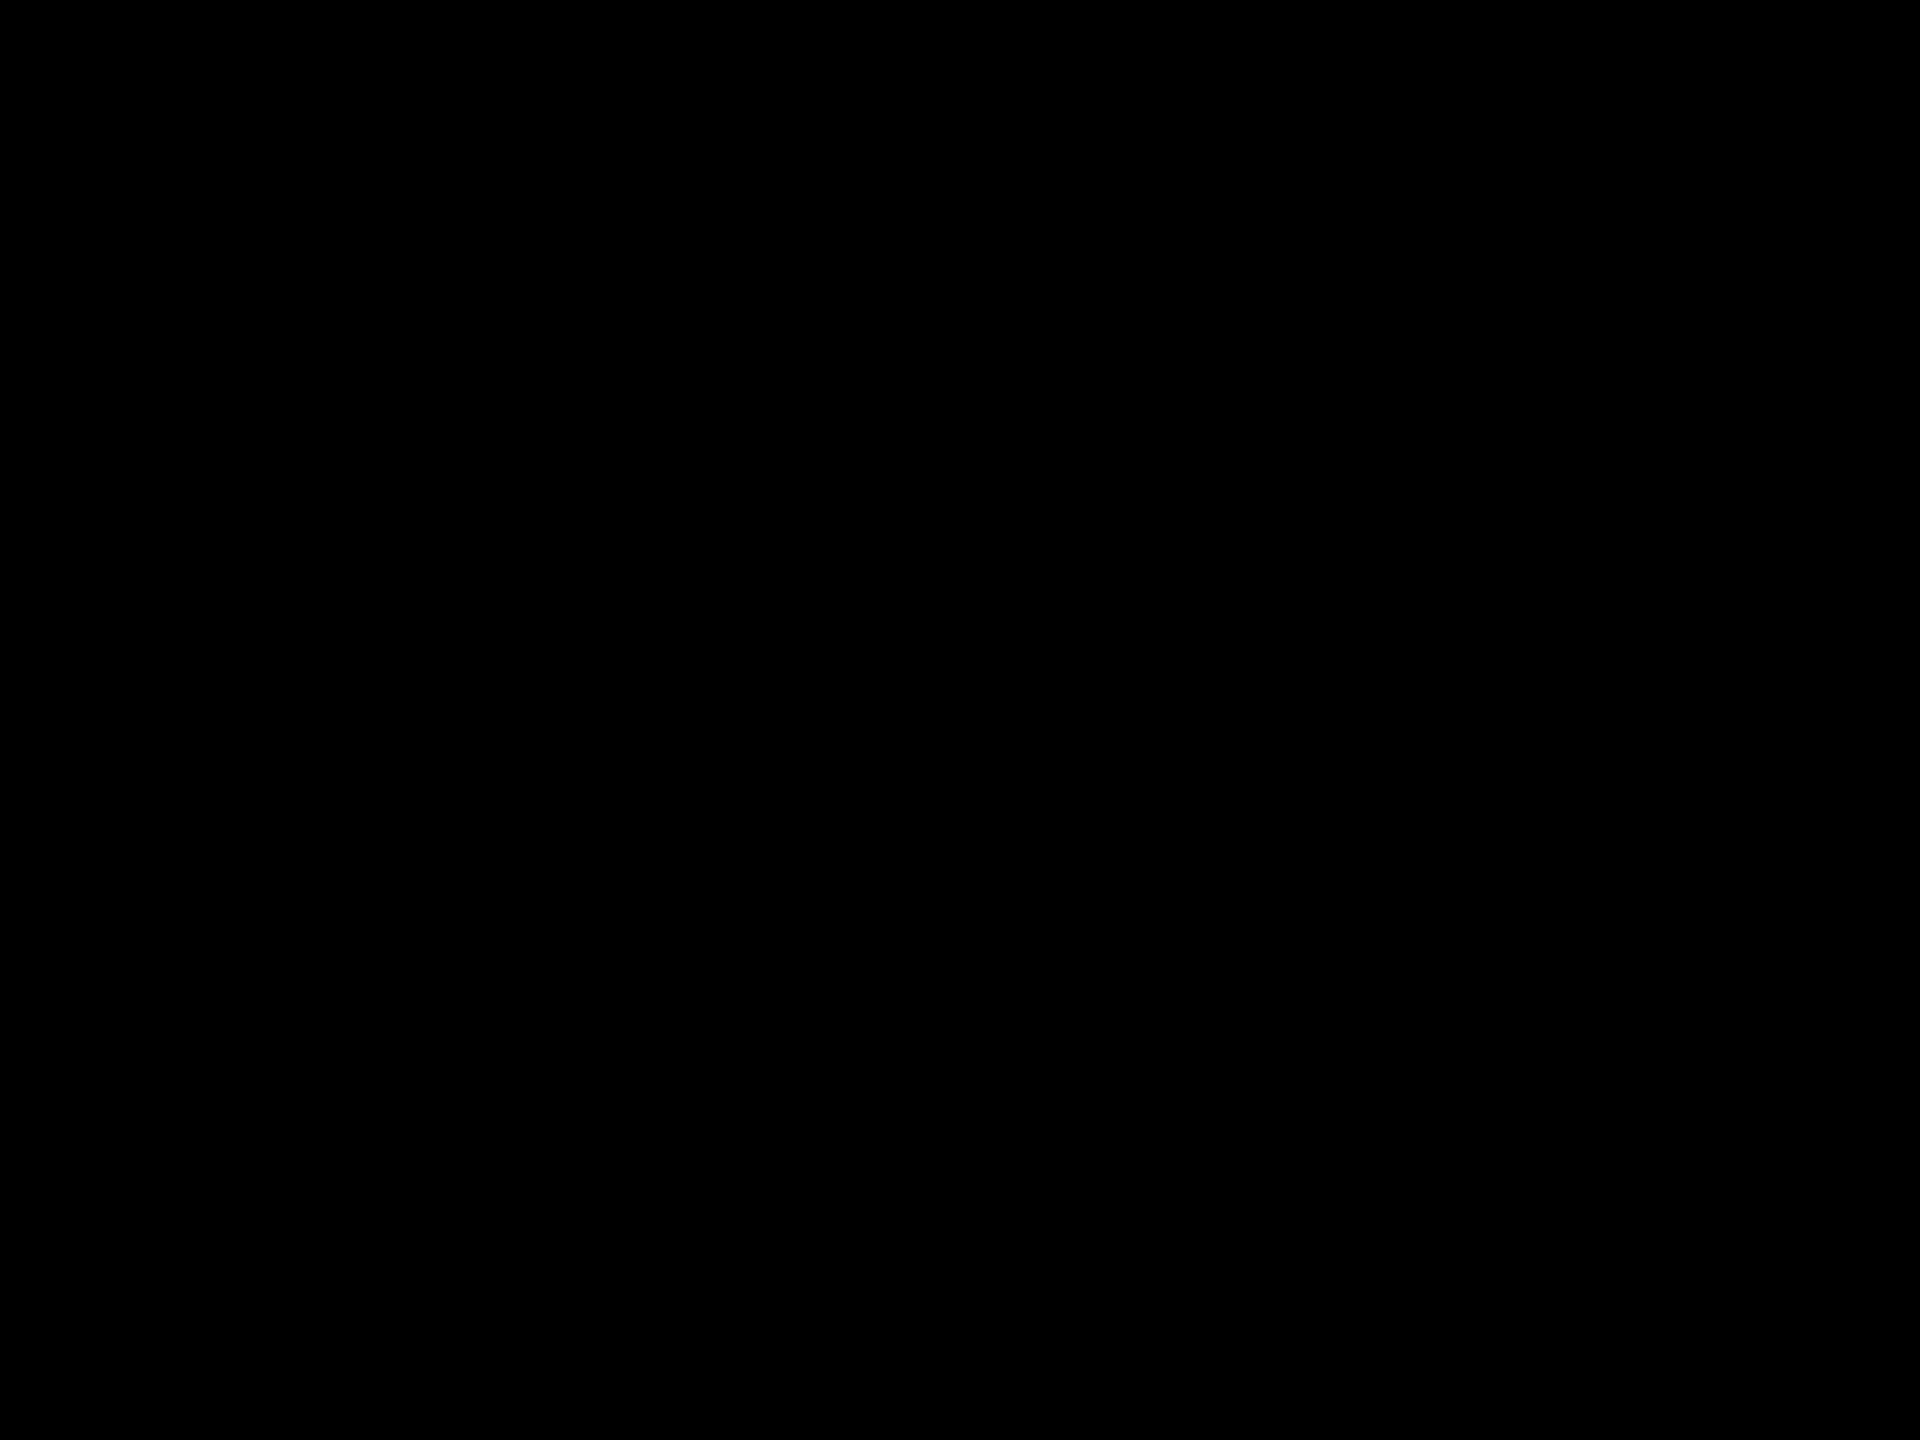 287系の型紙